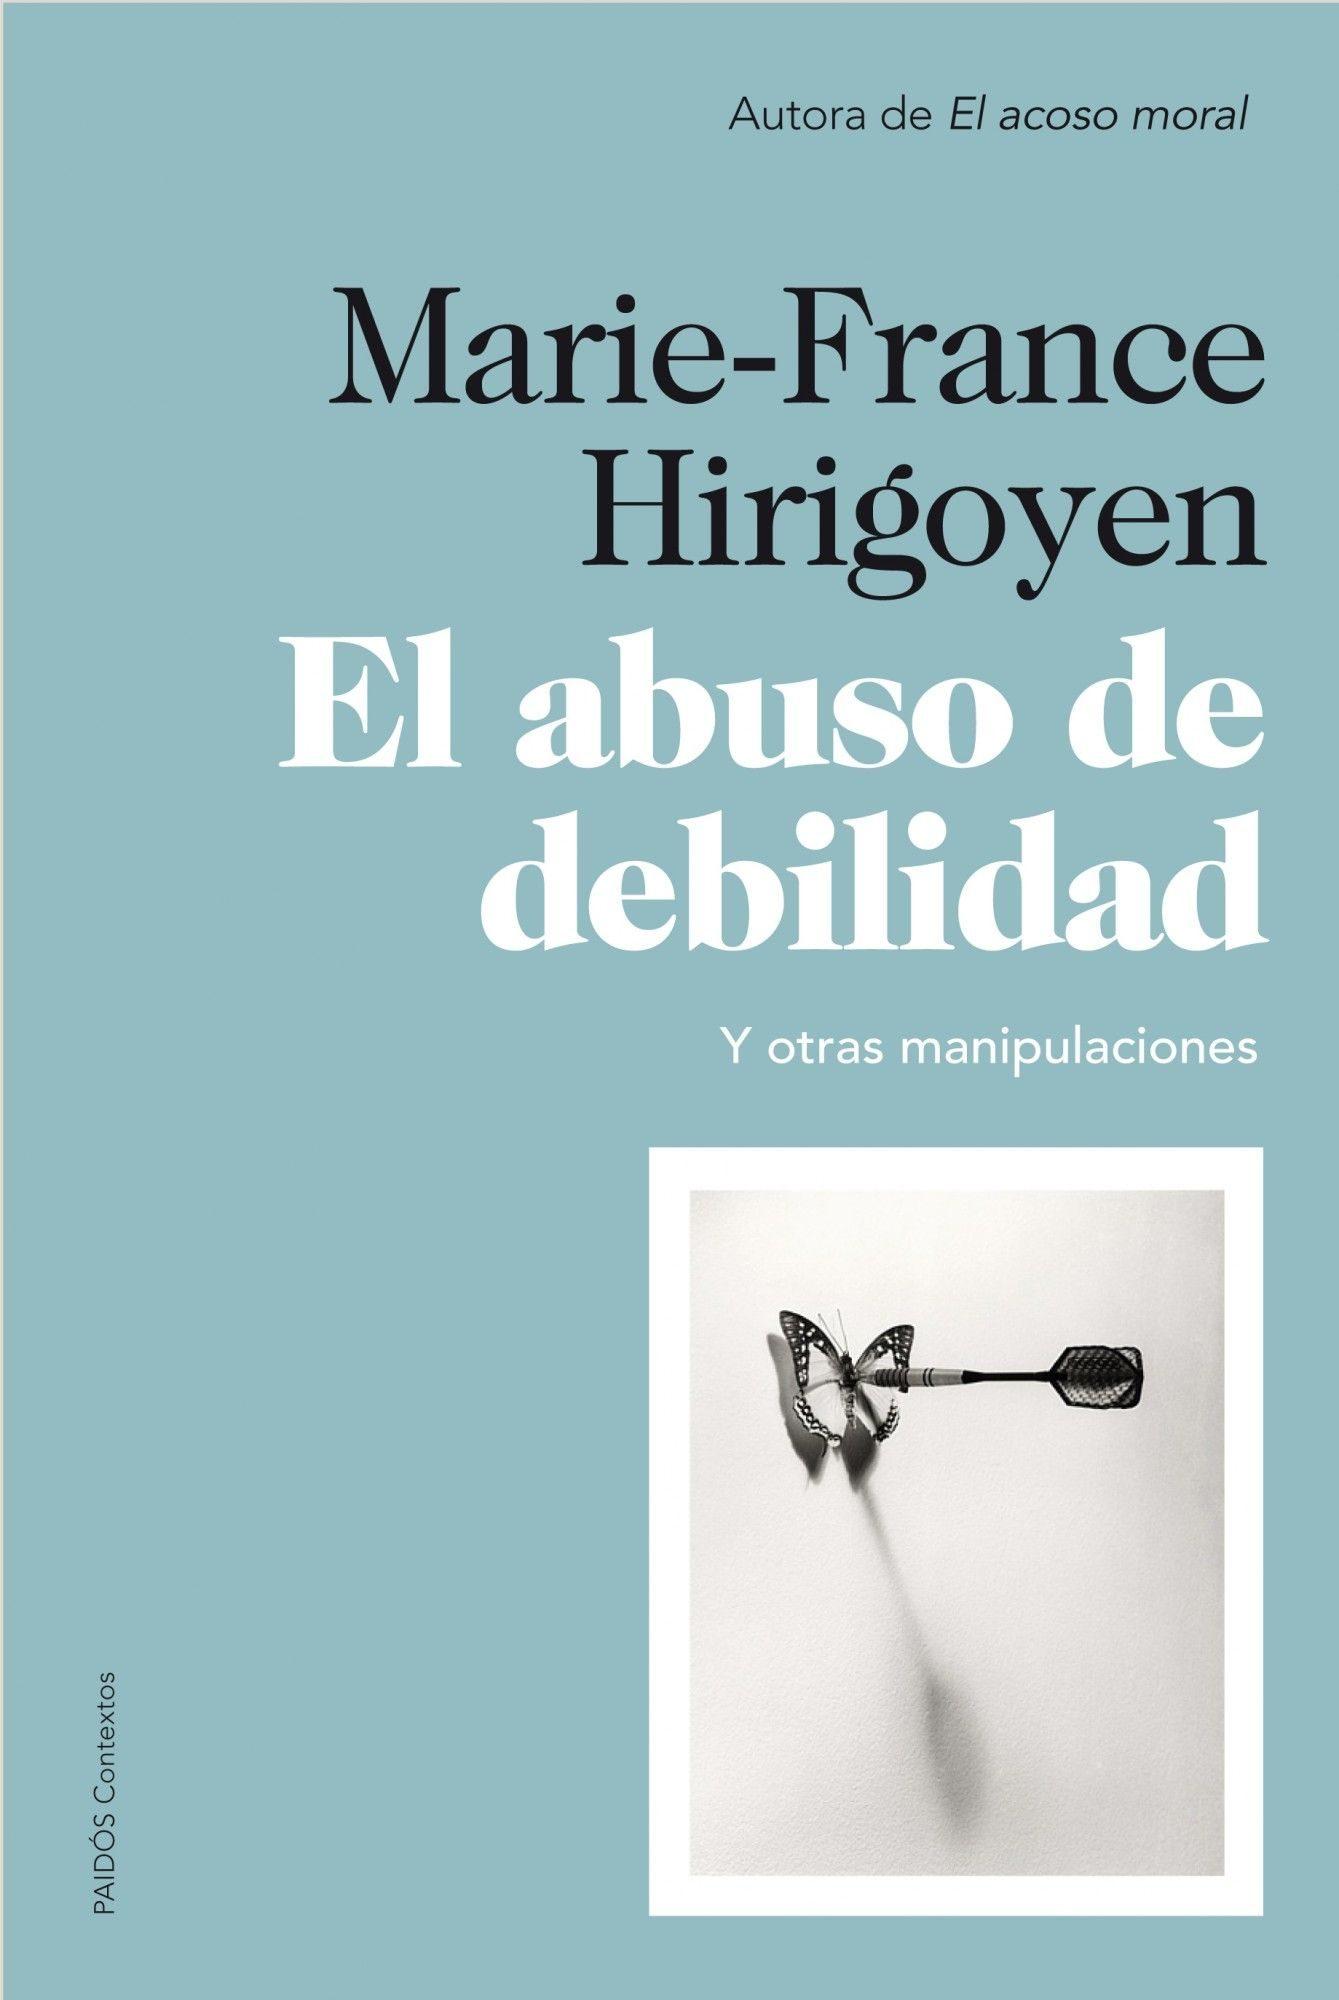 El Abuso De Debilidad   por Marie-france Hirigoyen